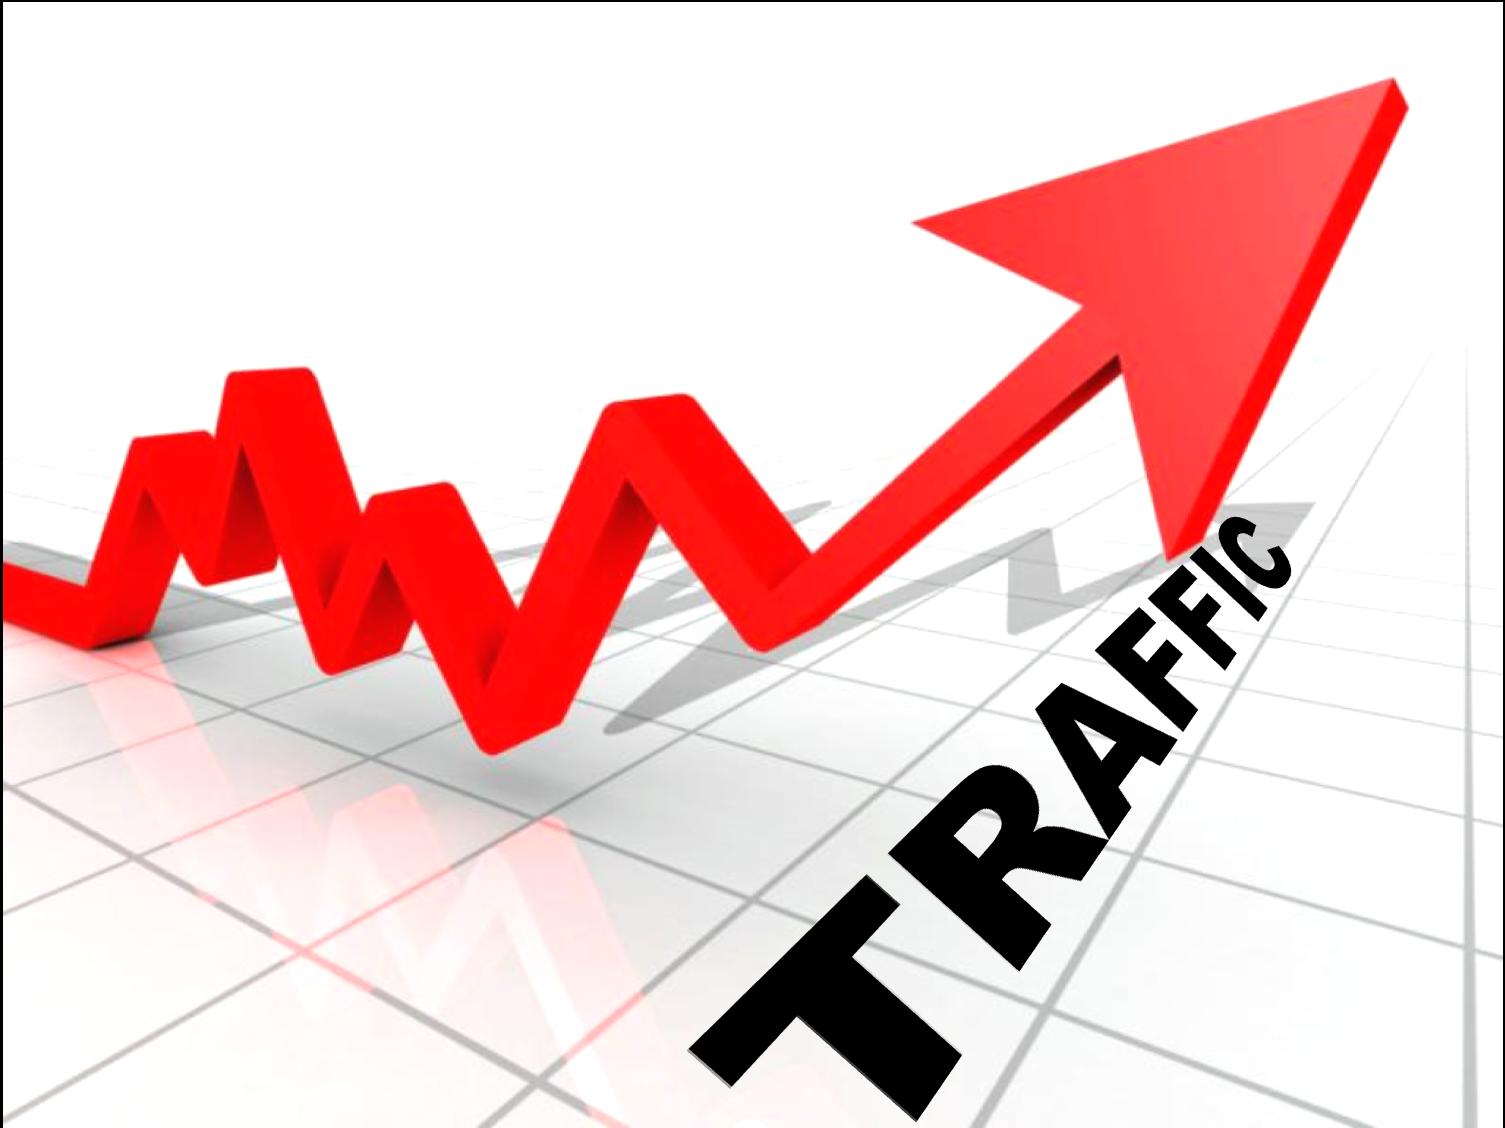 5 Loại Traffic chính và Công thức tính Traffic tiềm năng - Nguyễn Thuyên